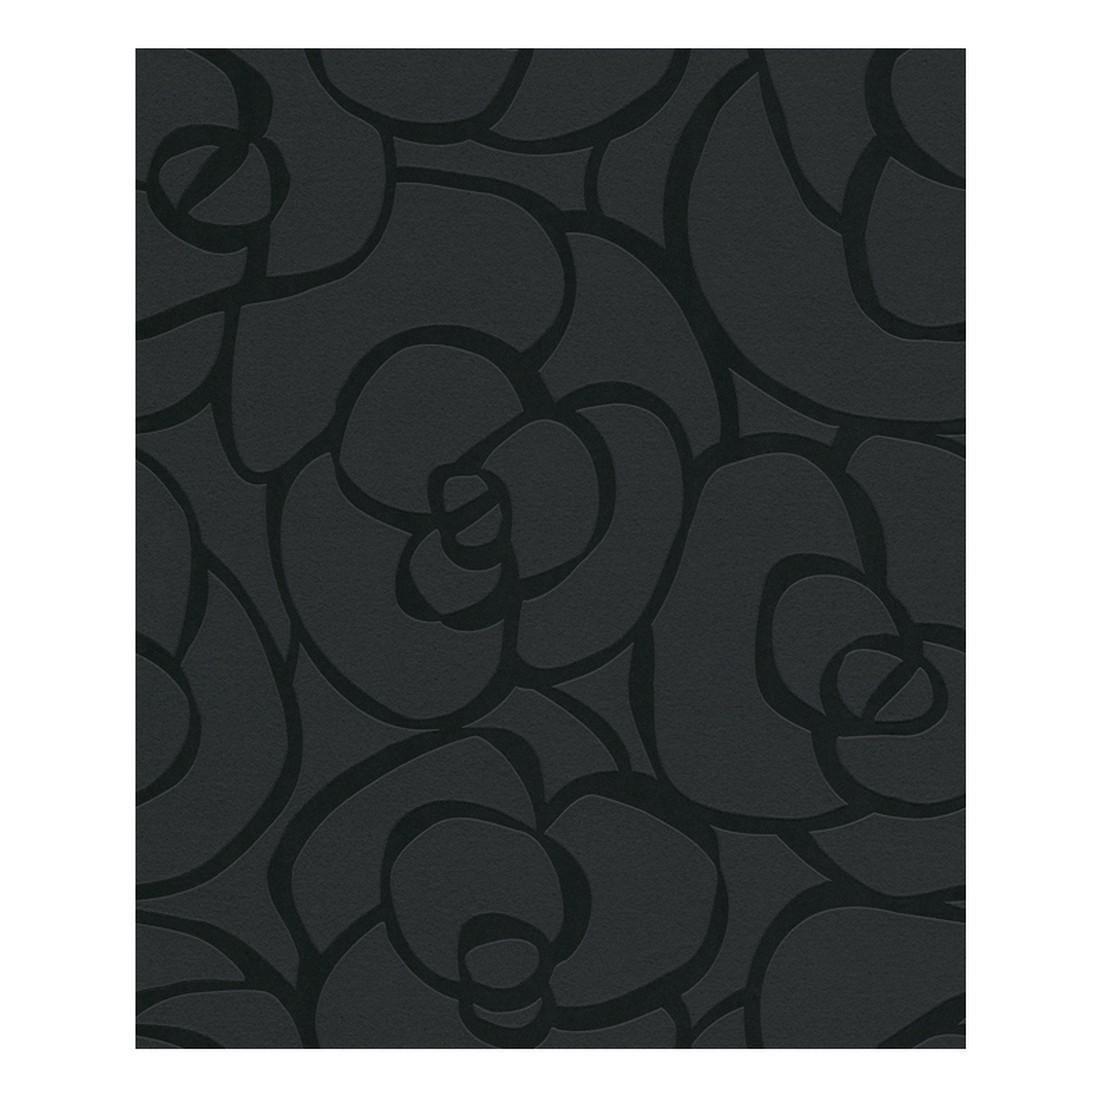 Vliestapete Rose – schwarz, schwarz-metallic – strukturiert, Raffi kaufen